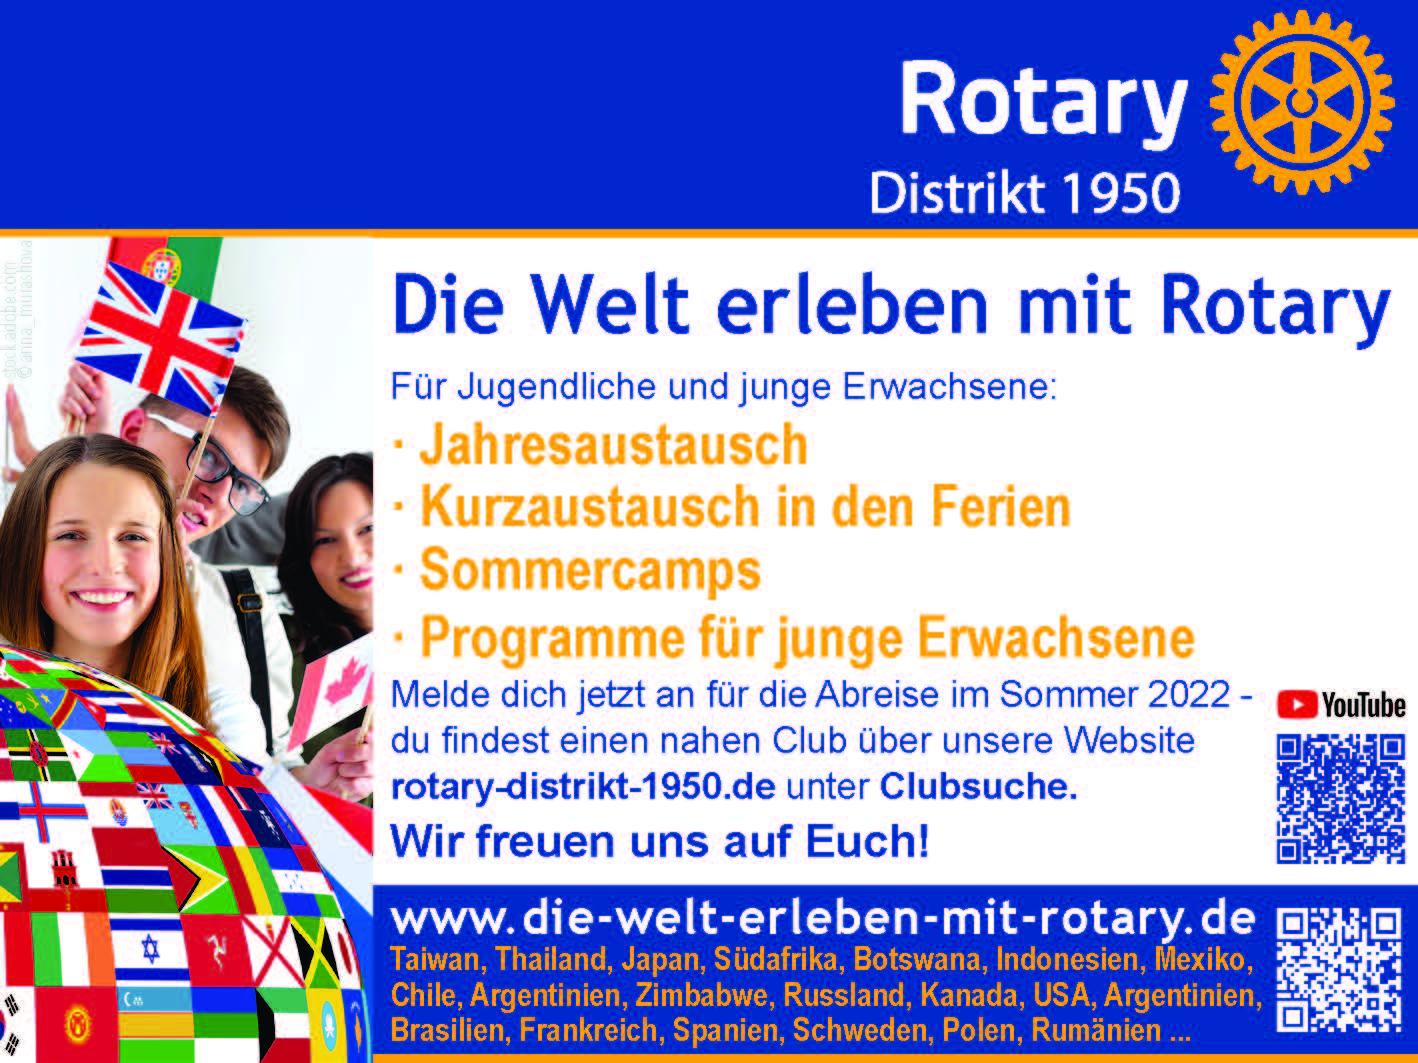 Die Welt erleben mit Rotary